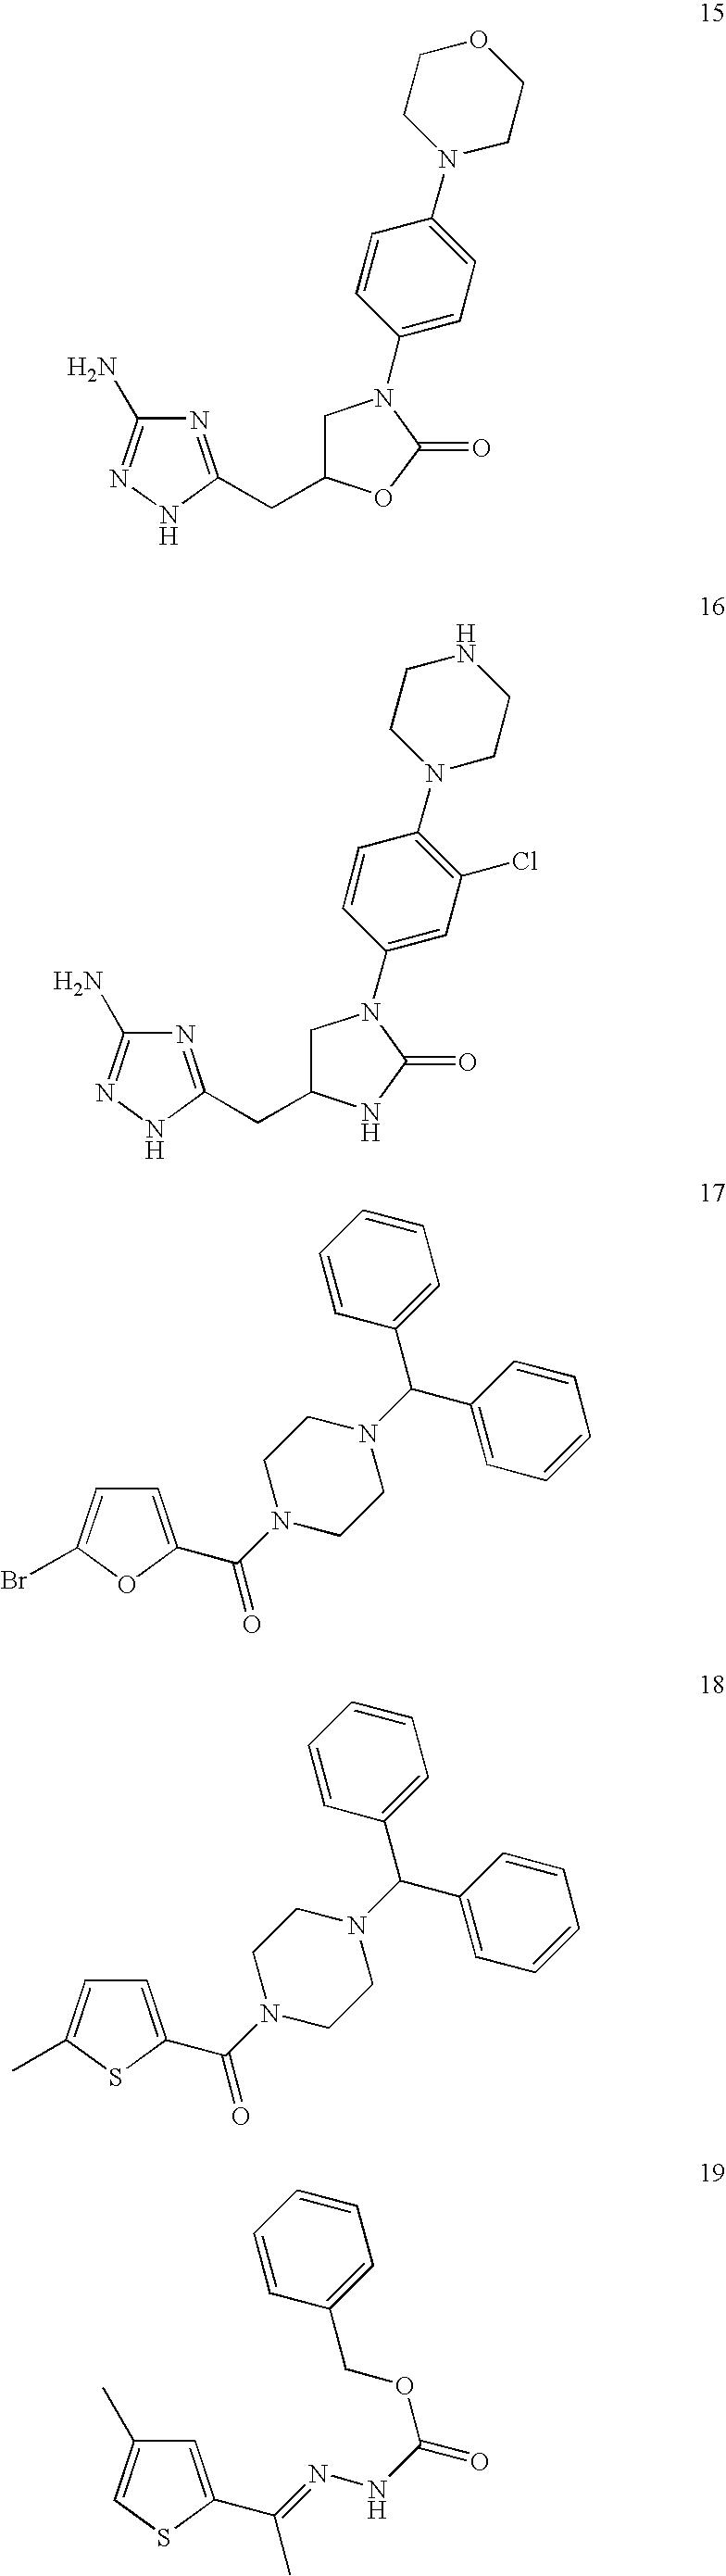 Figure US20040204477A1-20041014-C00011